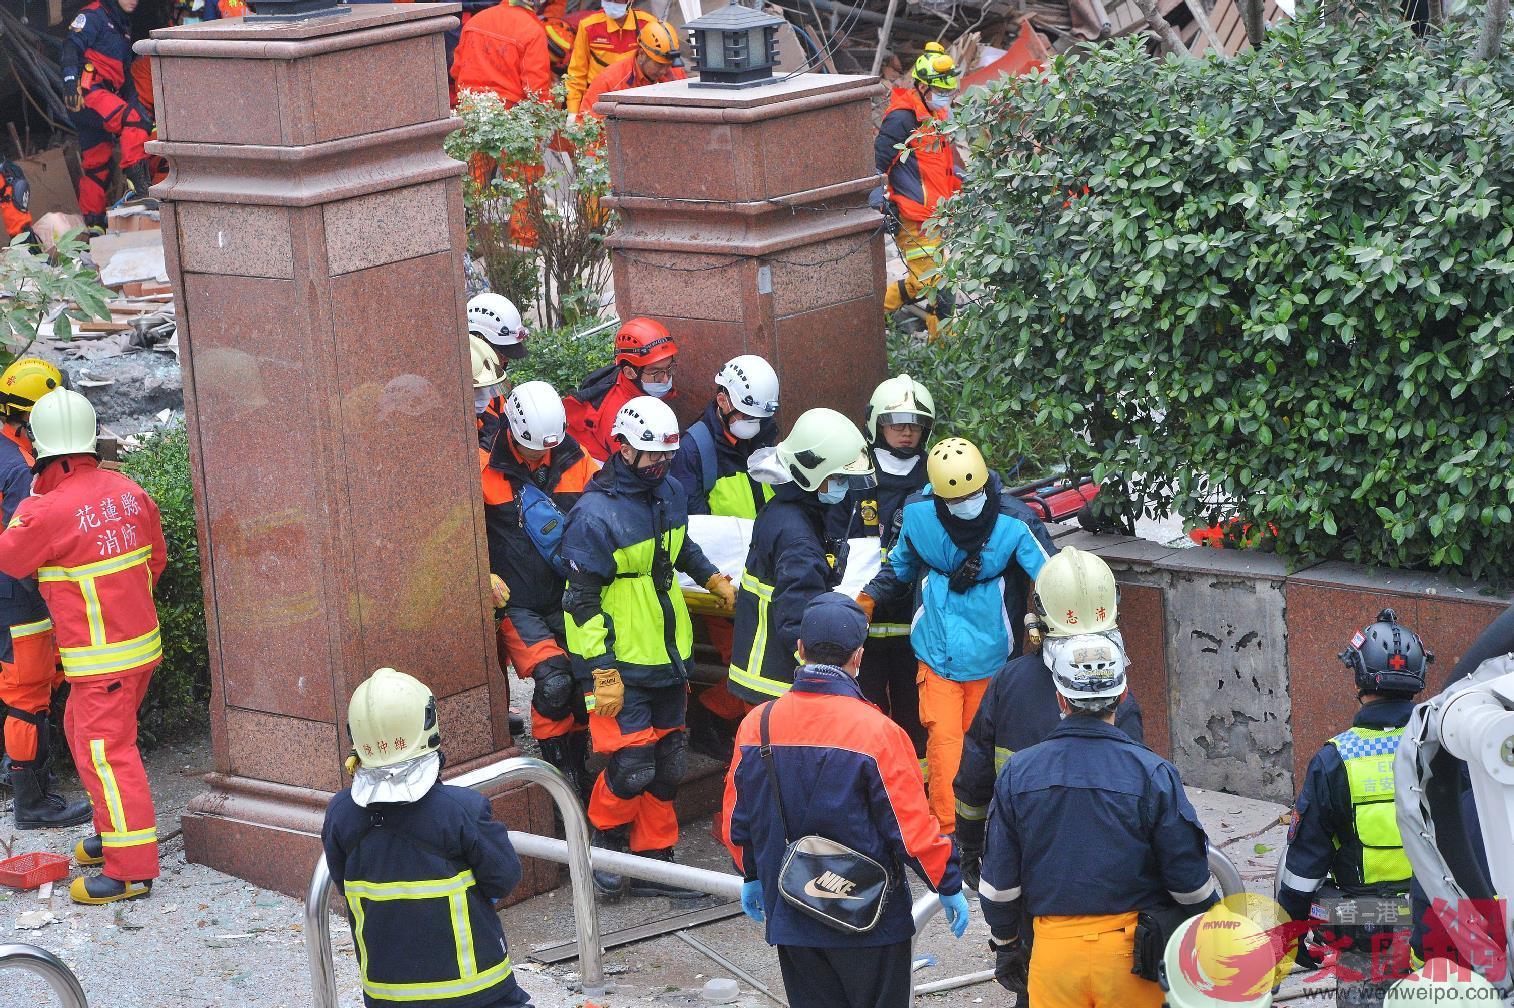 7日10:23:雲門翠堤大樓再添一罹難者,搜救人員為其蓋上白布,確認死亡。